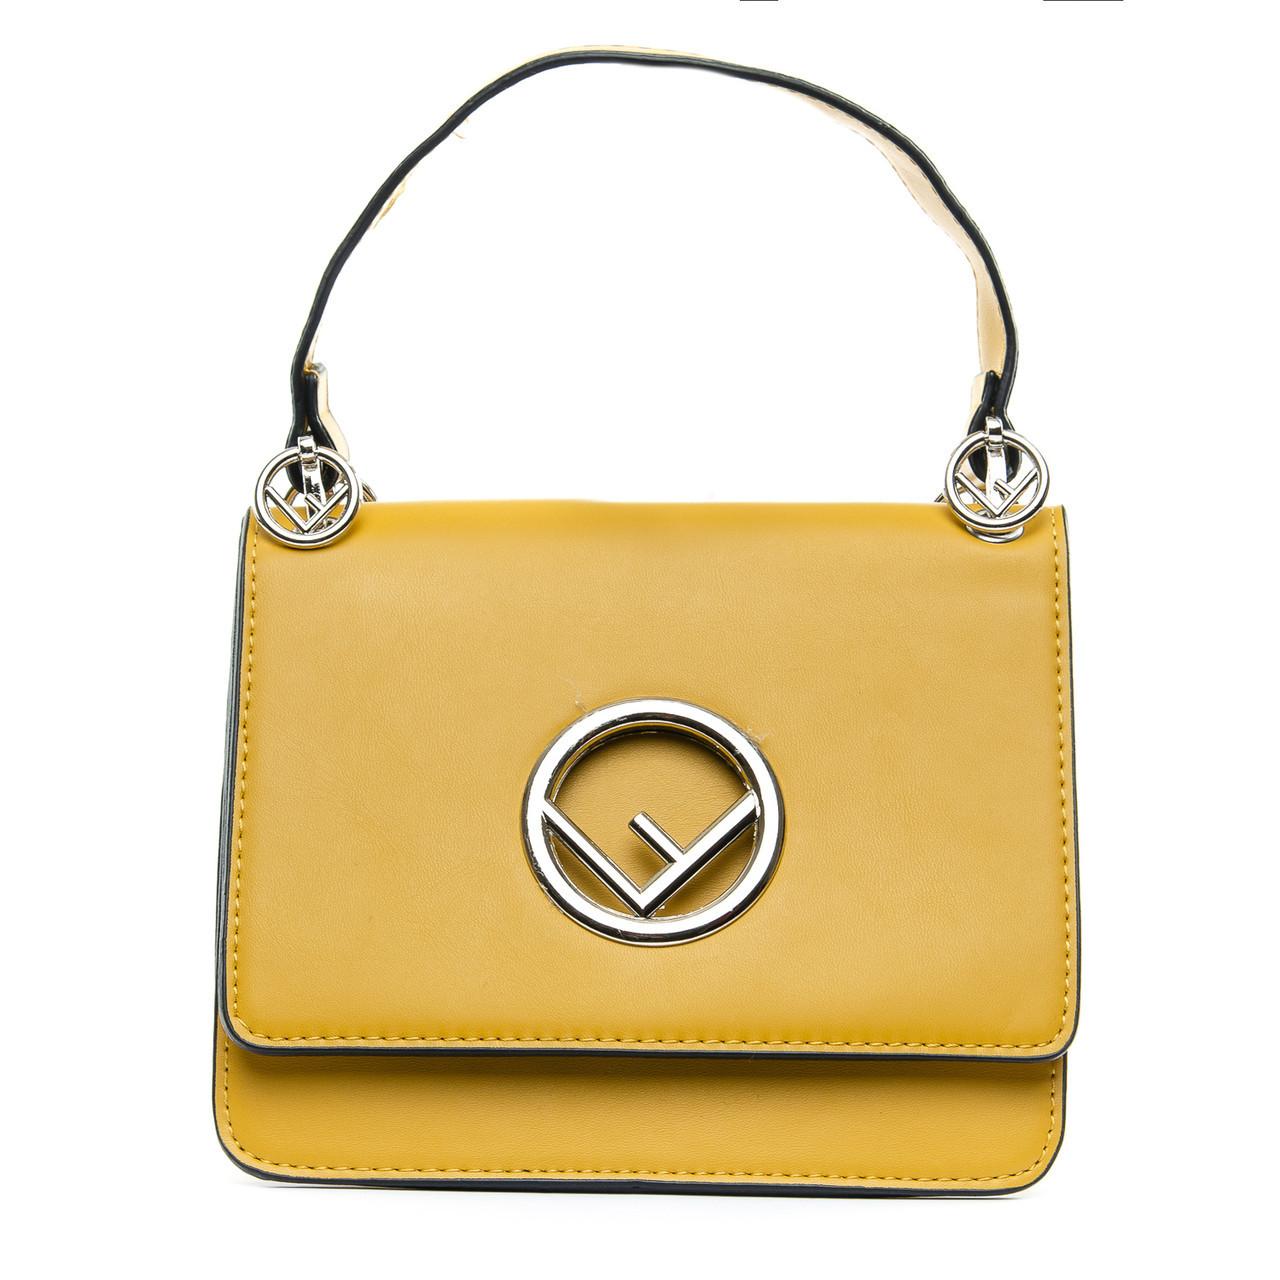 Сумка Женская Клатч иск-кожа 1-01 6686 yellow